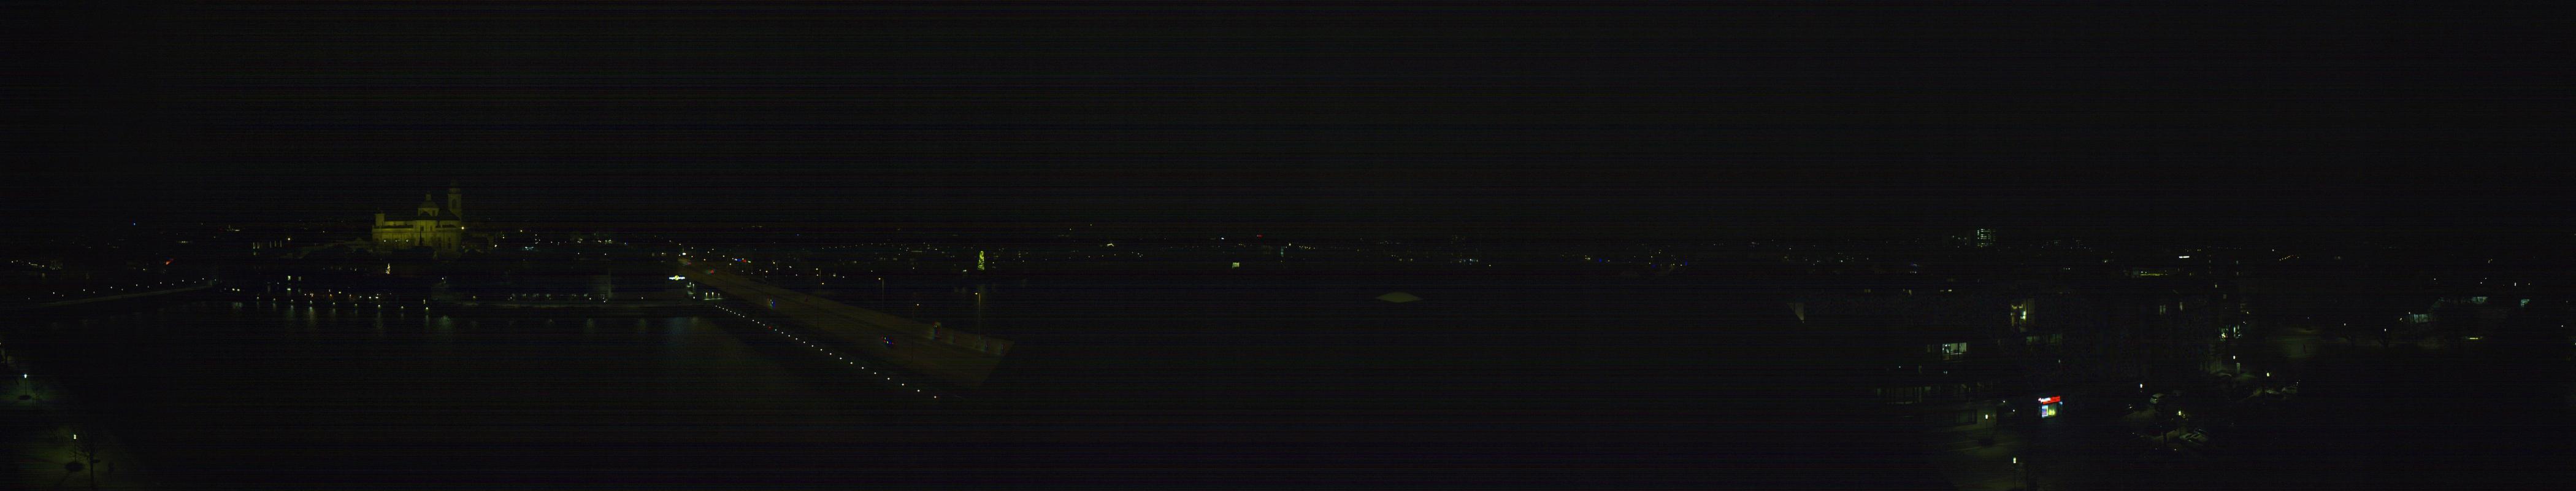 23h ago - 18:00